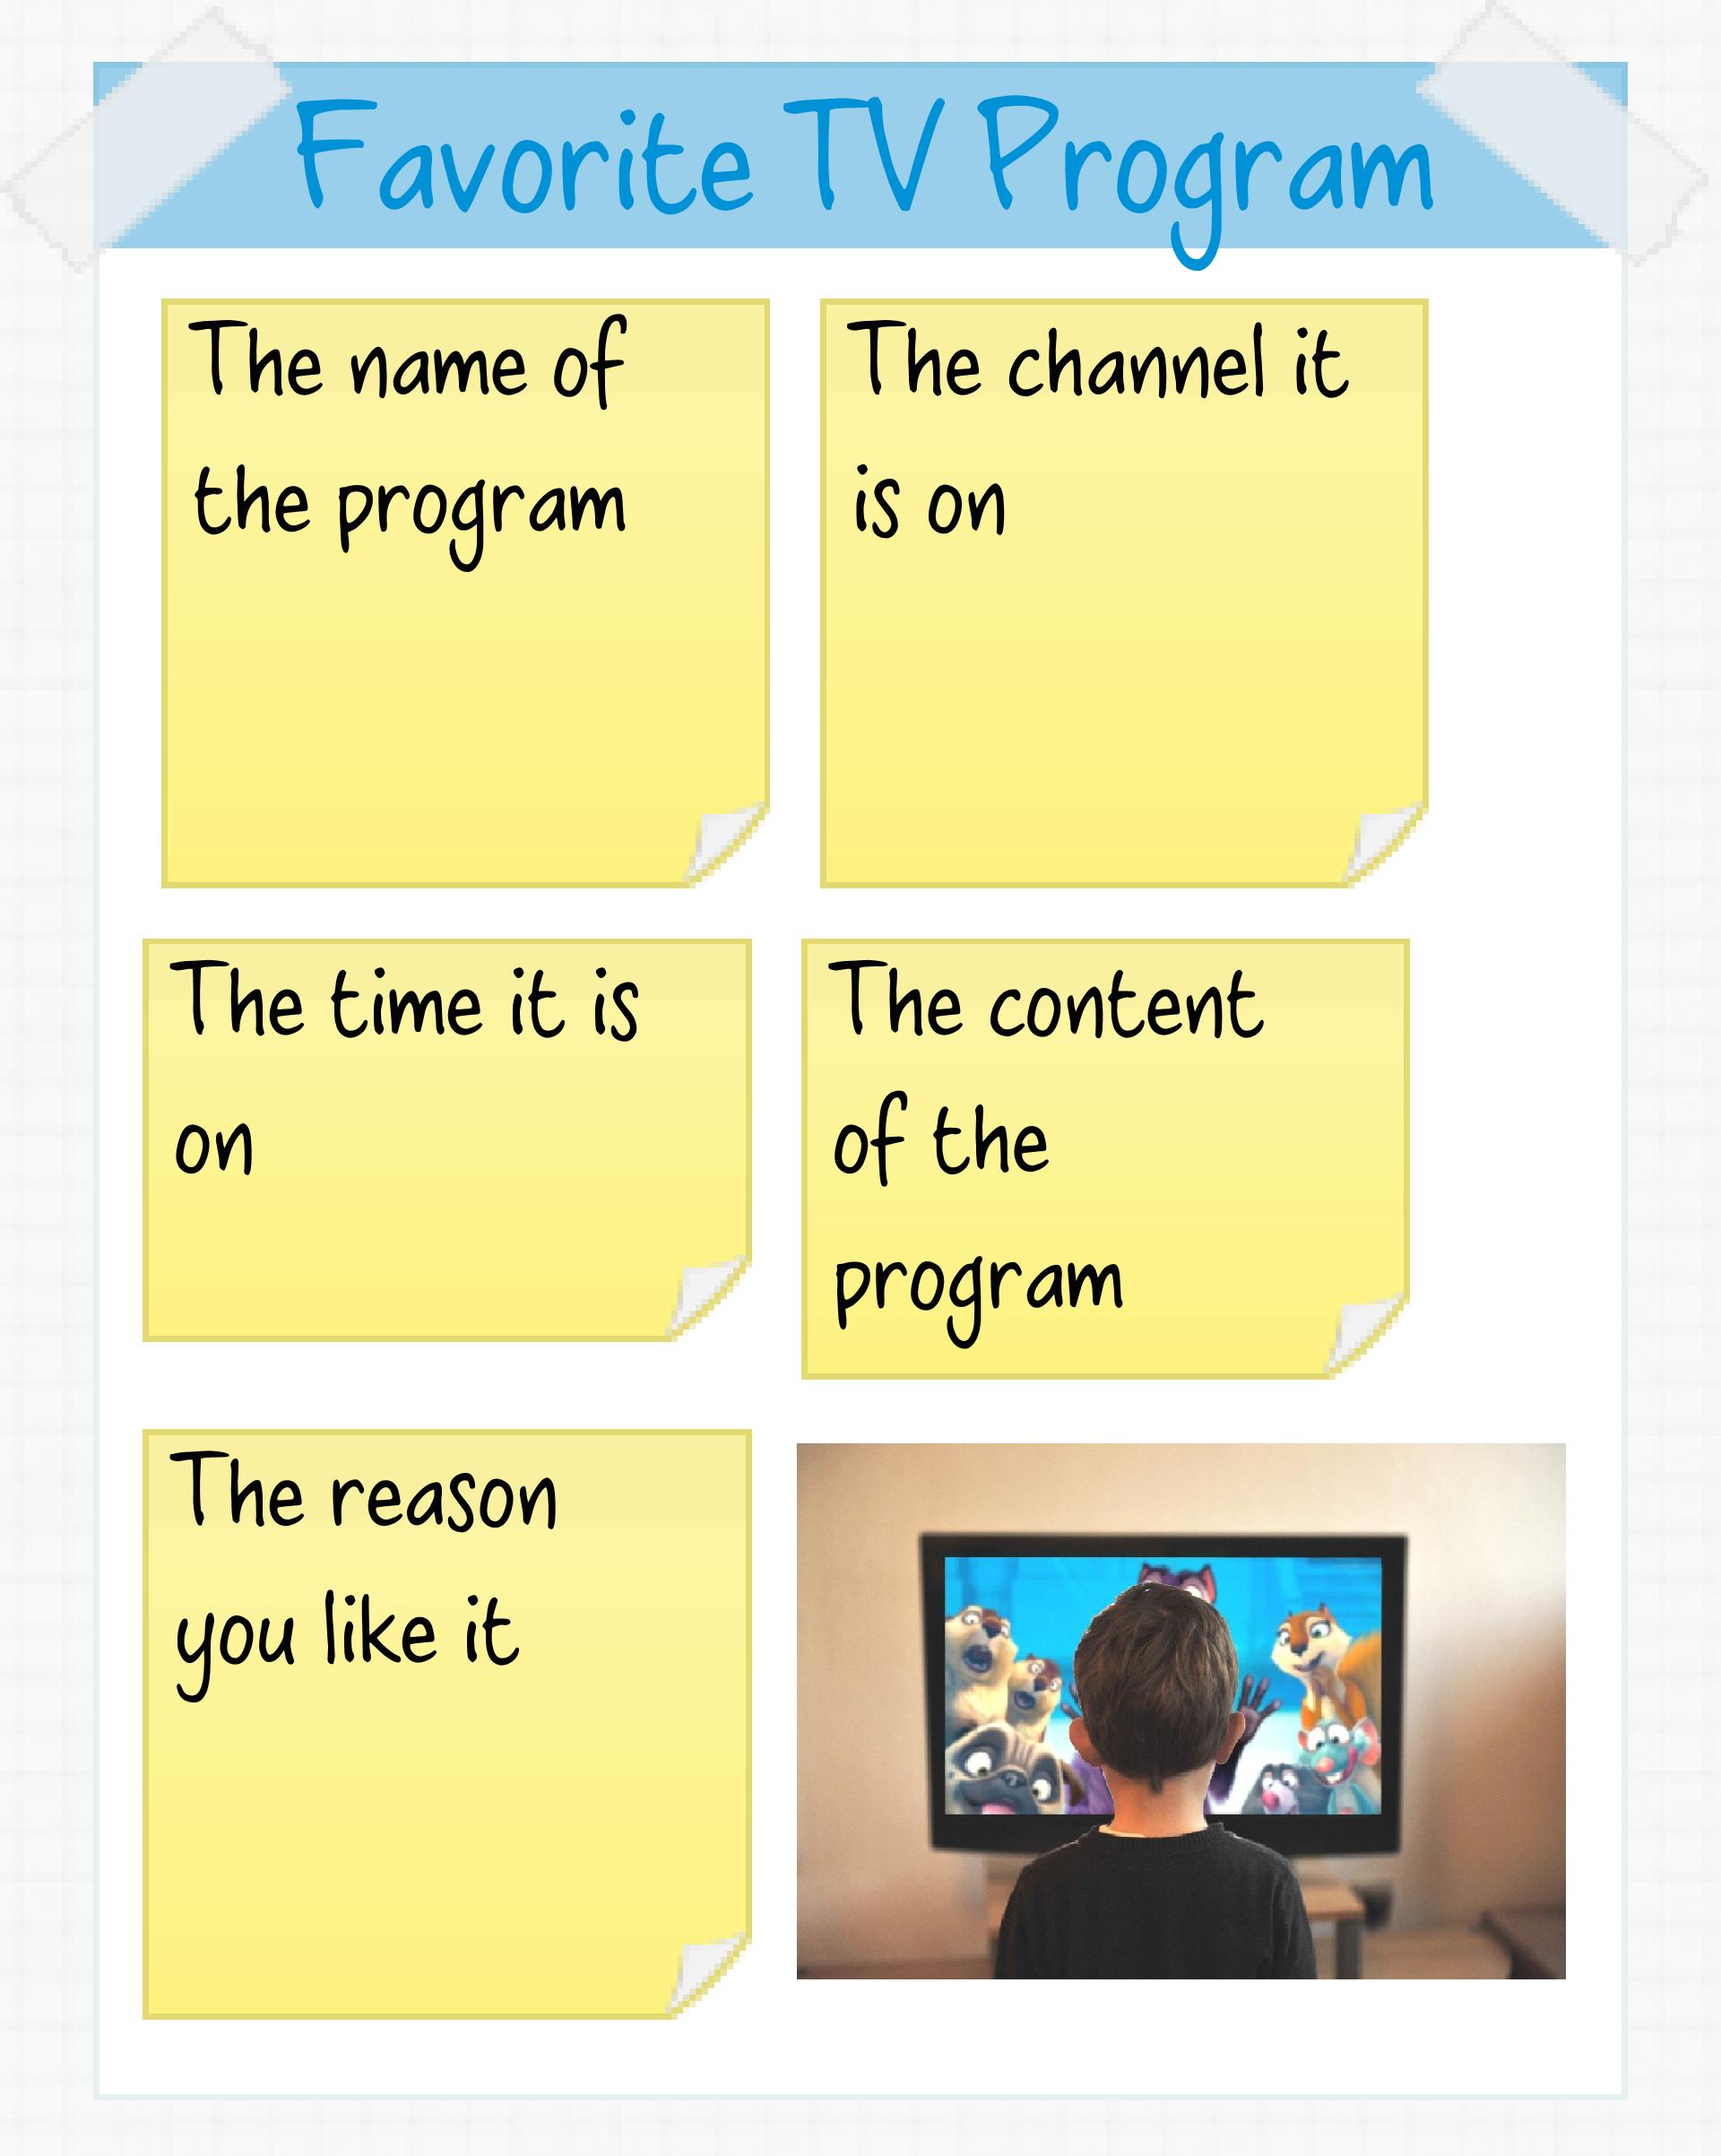 Hướng dẫn chi tiết cách viết đoạn văn ngắn về chương trình yêu thích của em cho học sinh lớp 6